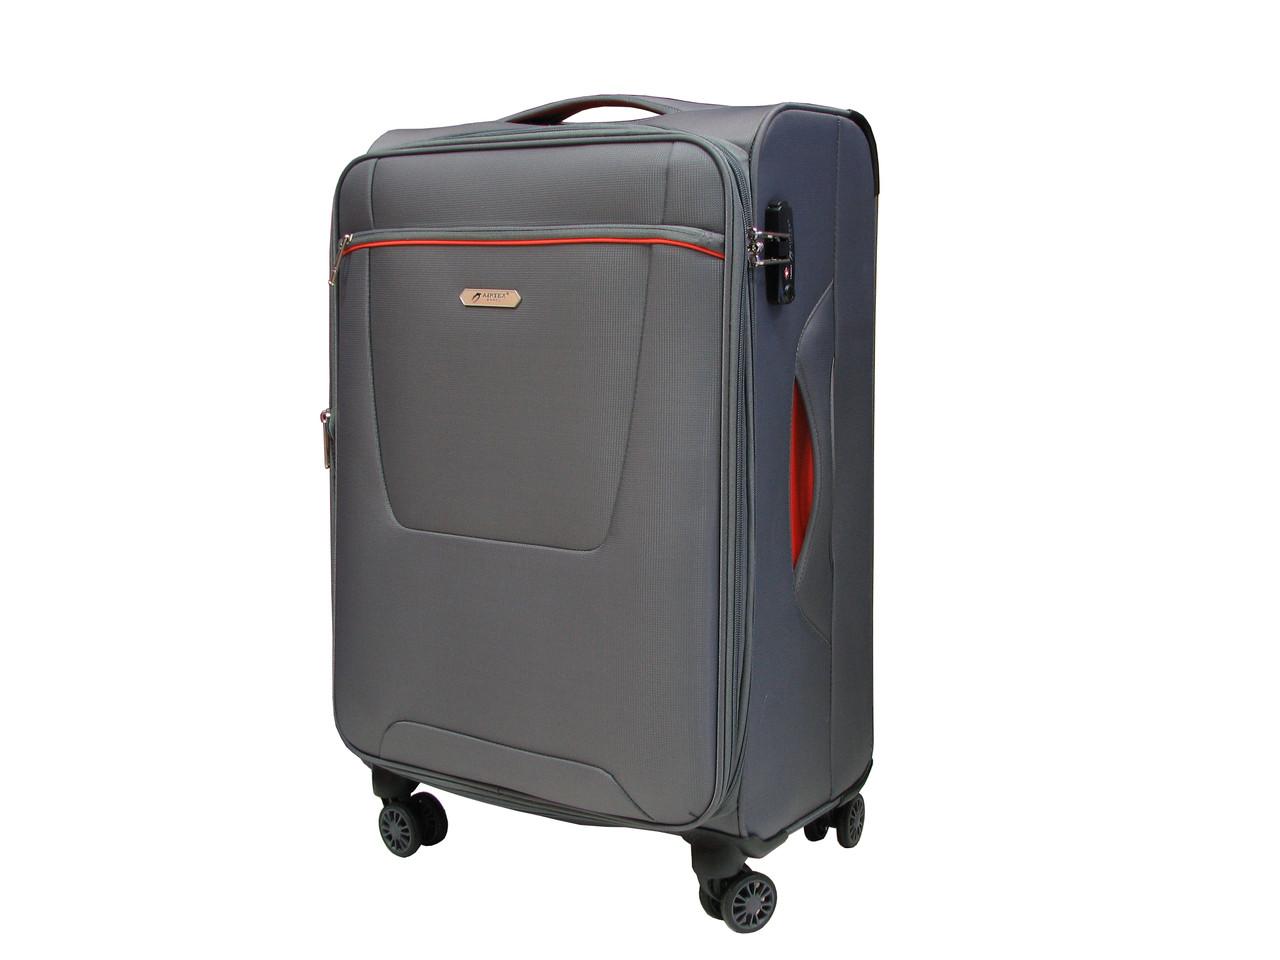 Легкий тканевый чемодан ручная кладь Airtex 825 - Интернет-магазин